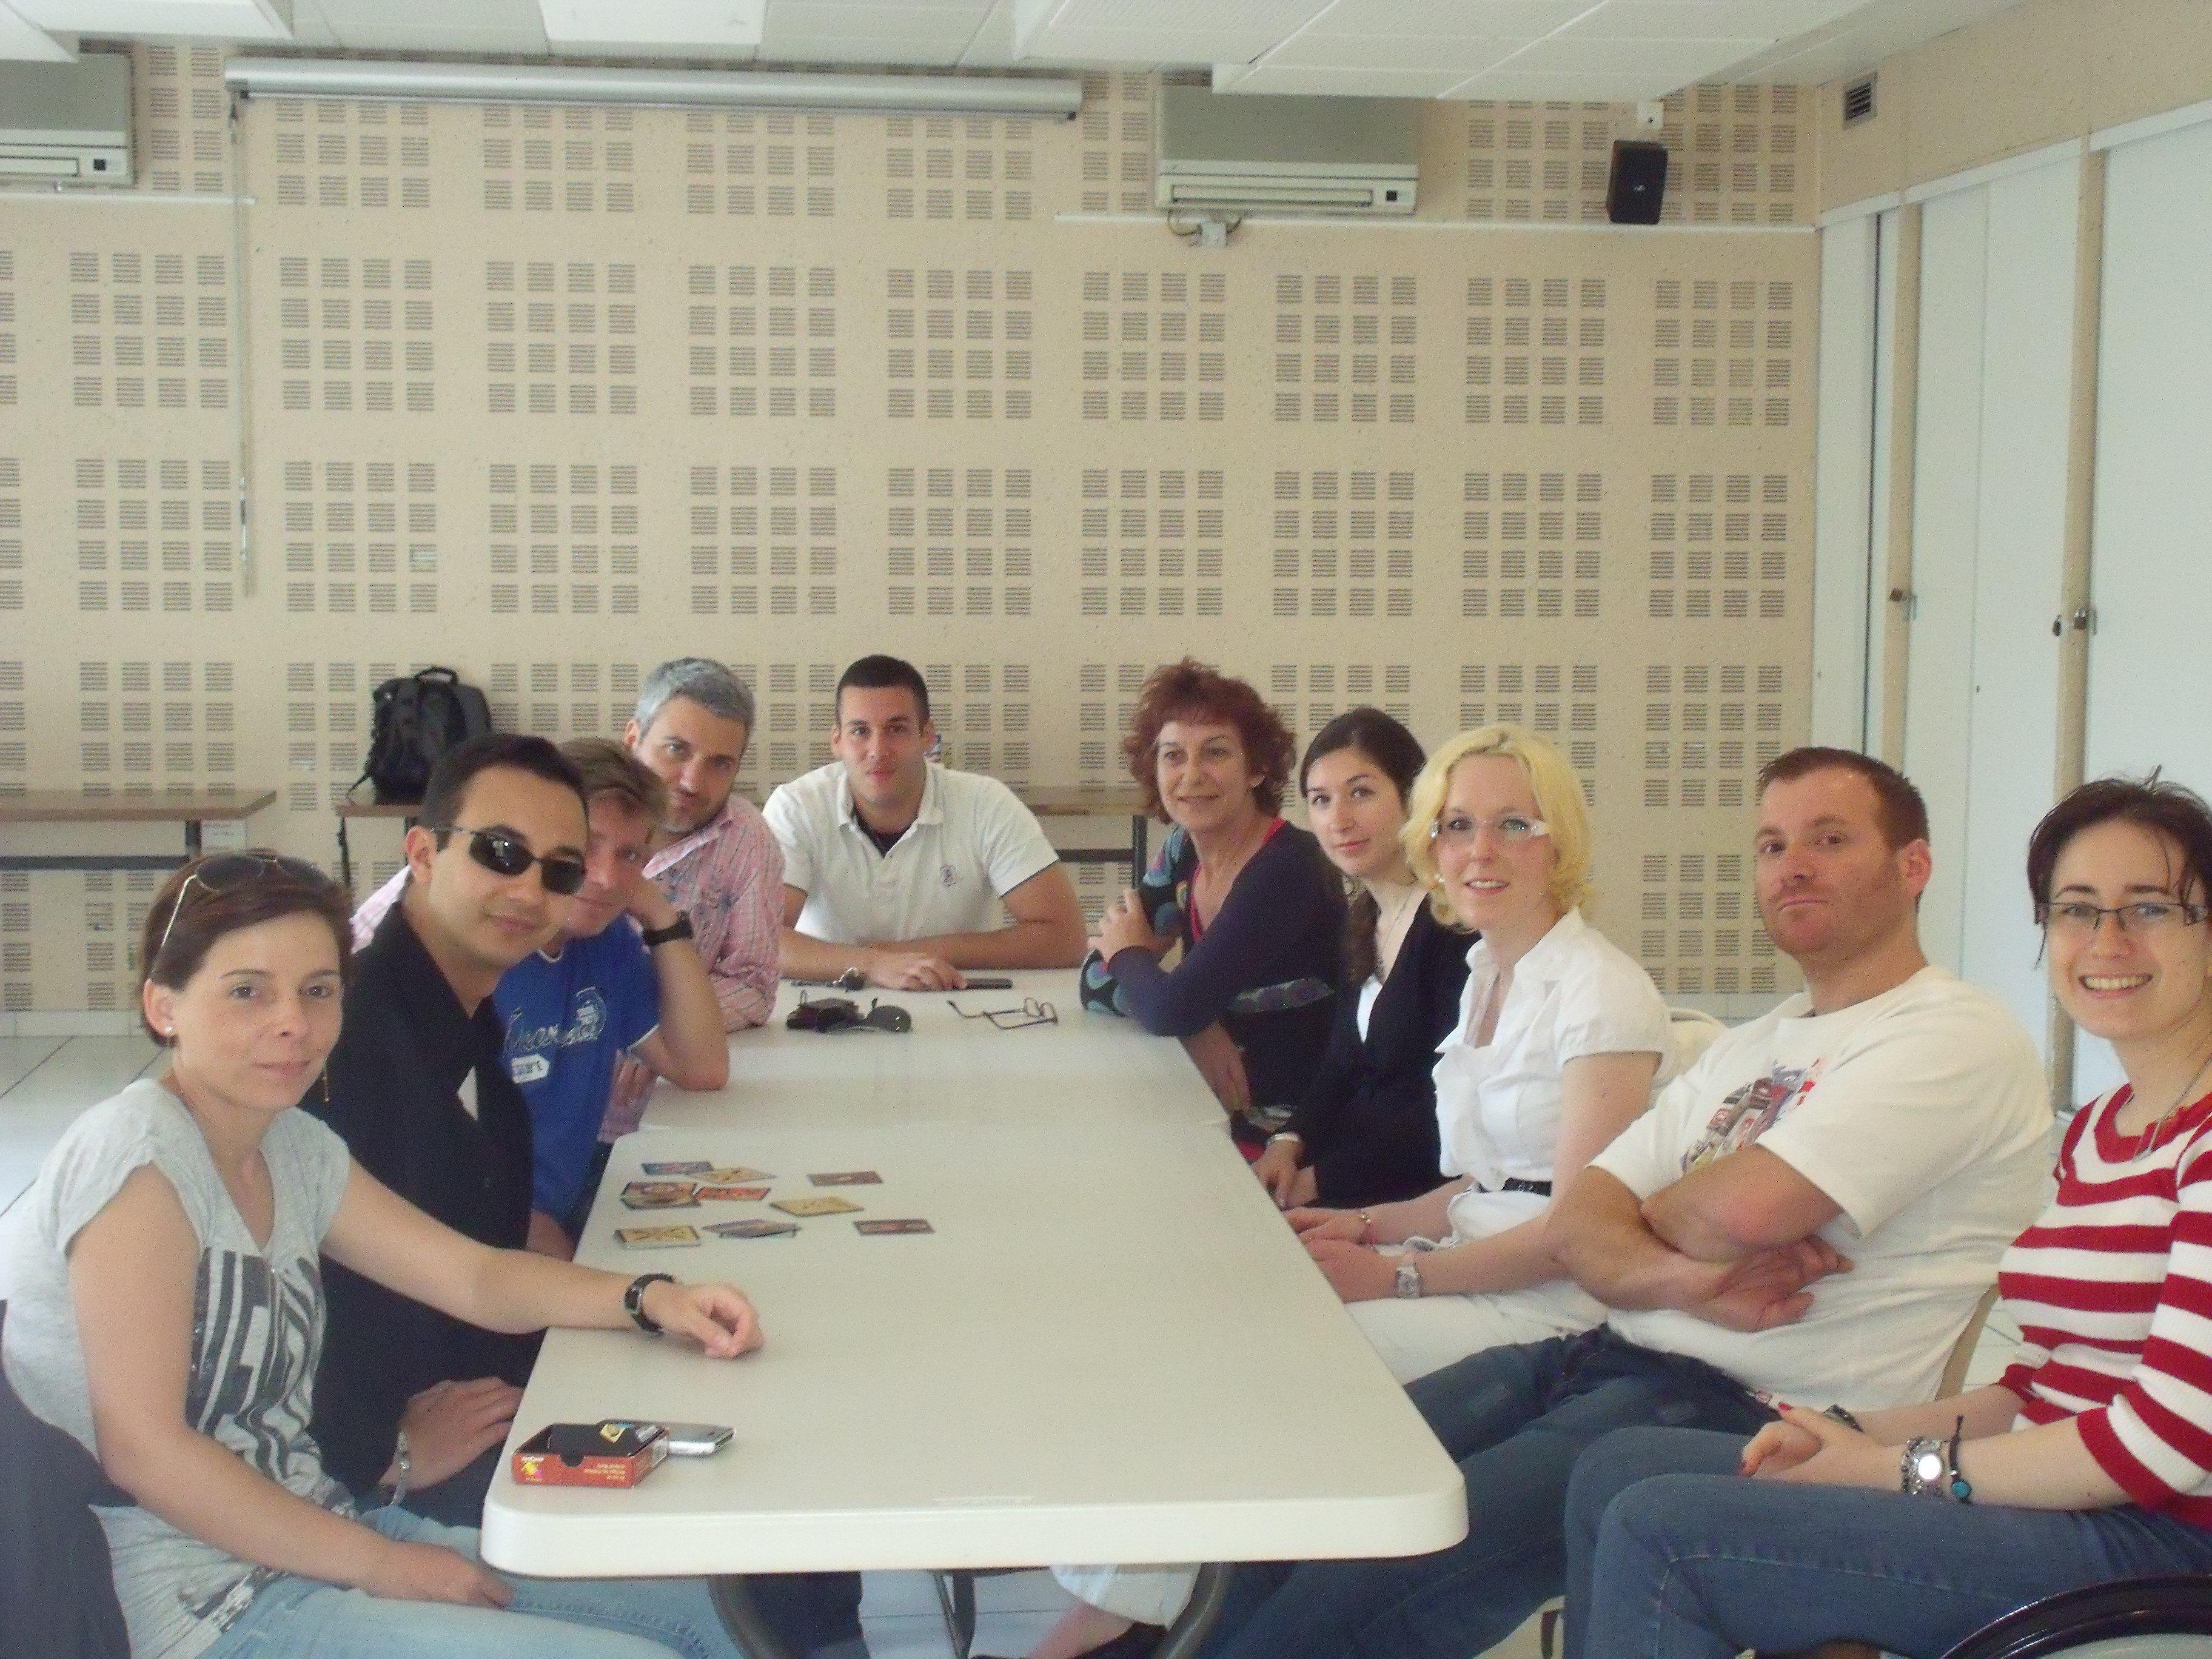 Atelier ludique du 23 mai 2012 dans Liens DSCF3032